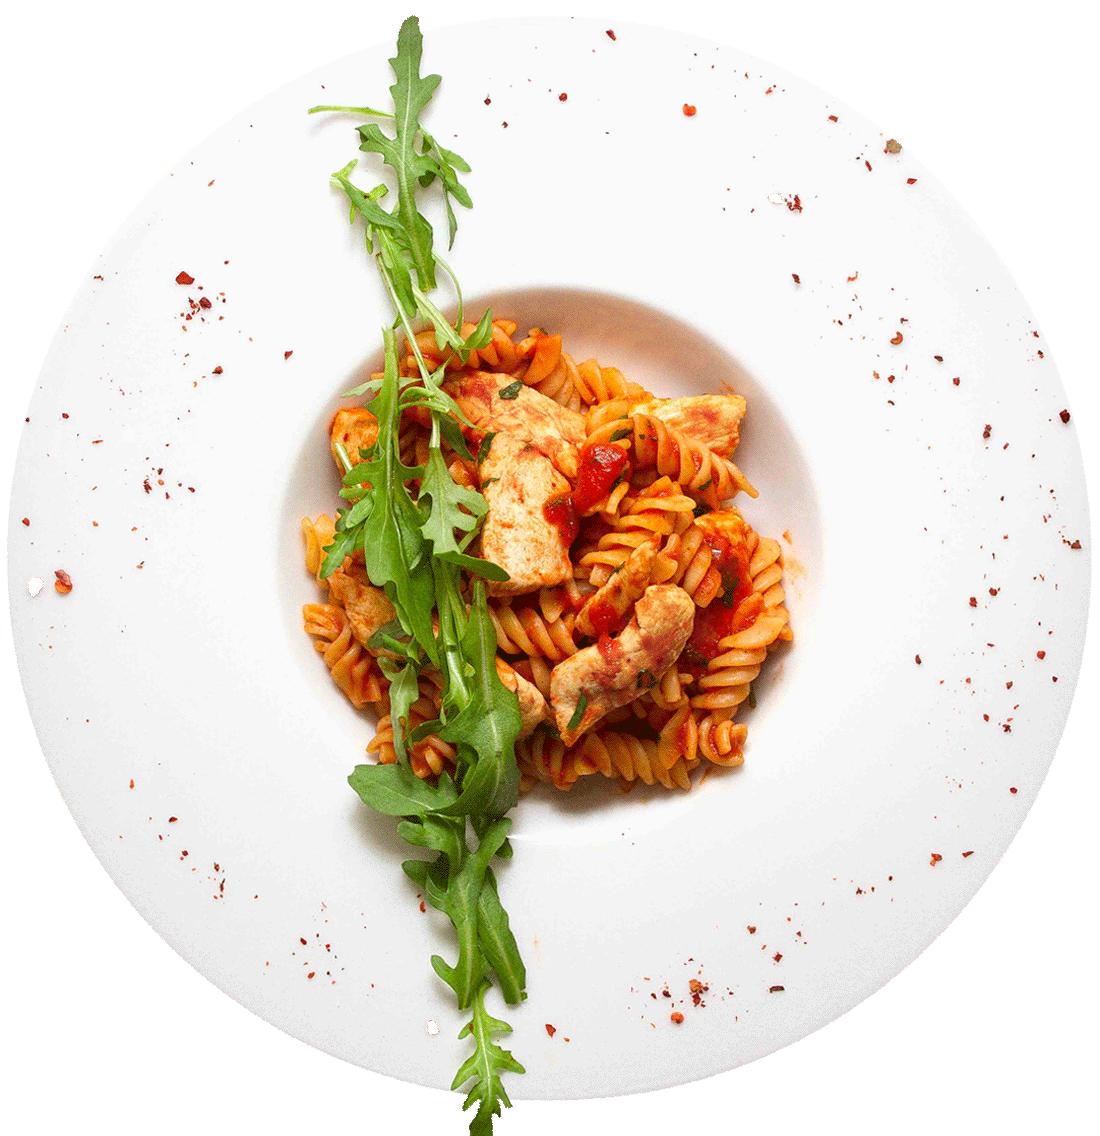 Спагетти с фаршем и томатной пастой - 8 пошаговых фото в рецепте